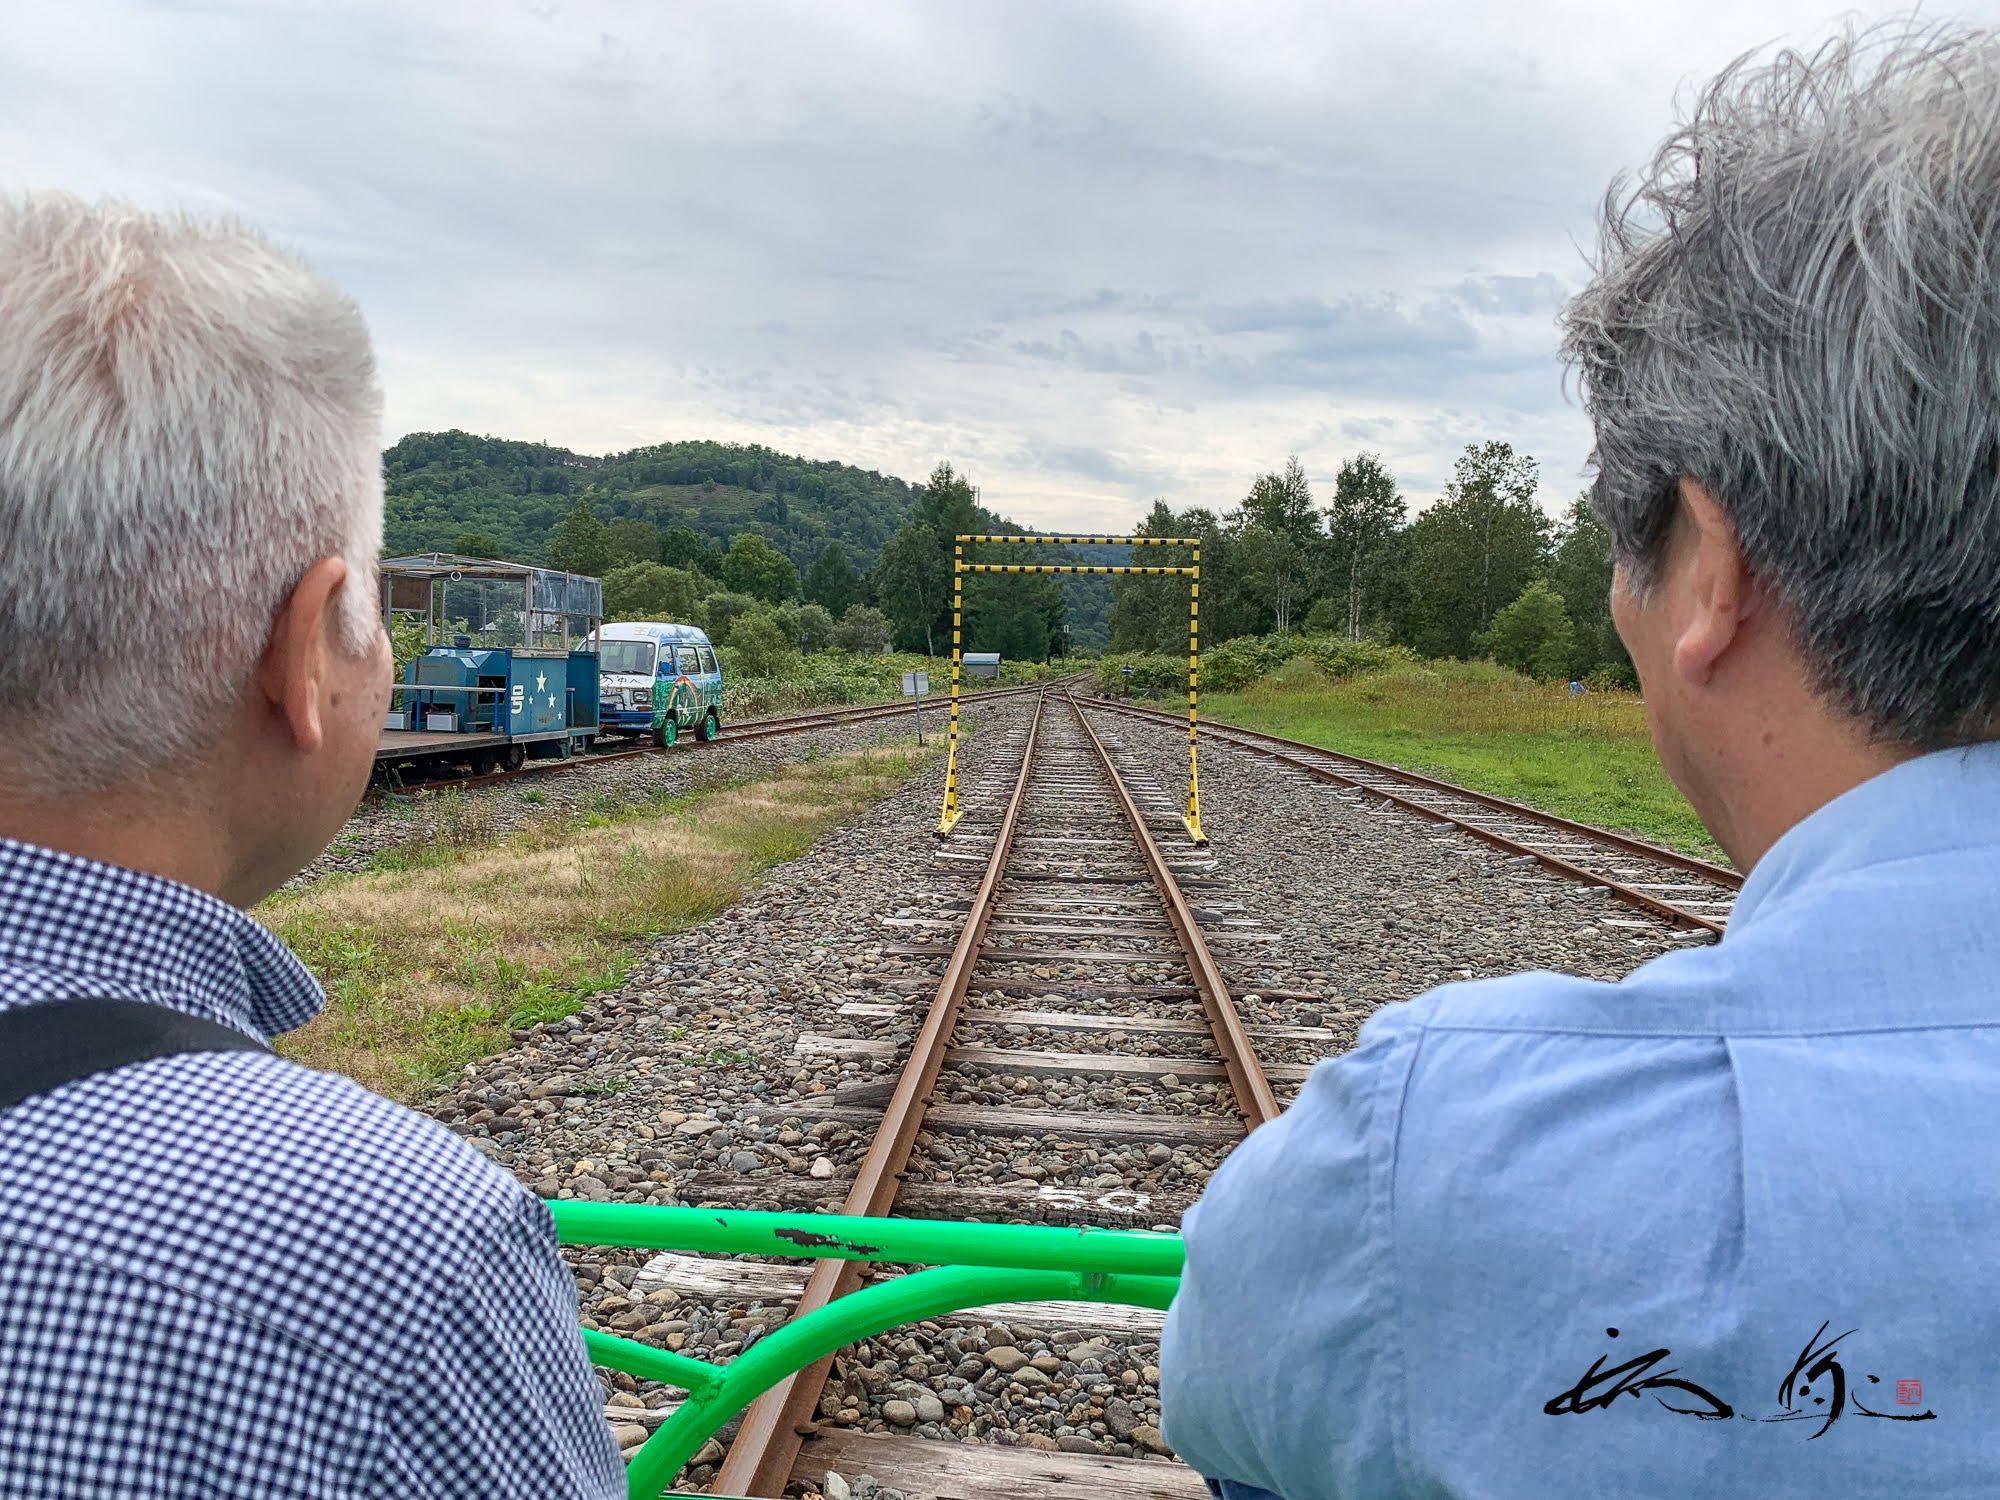 松下元秀さん北海道旅行 2019・道北を軽ワゴンで巡る4泊5日ドライブ【No.3・完】